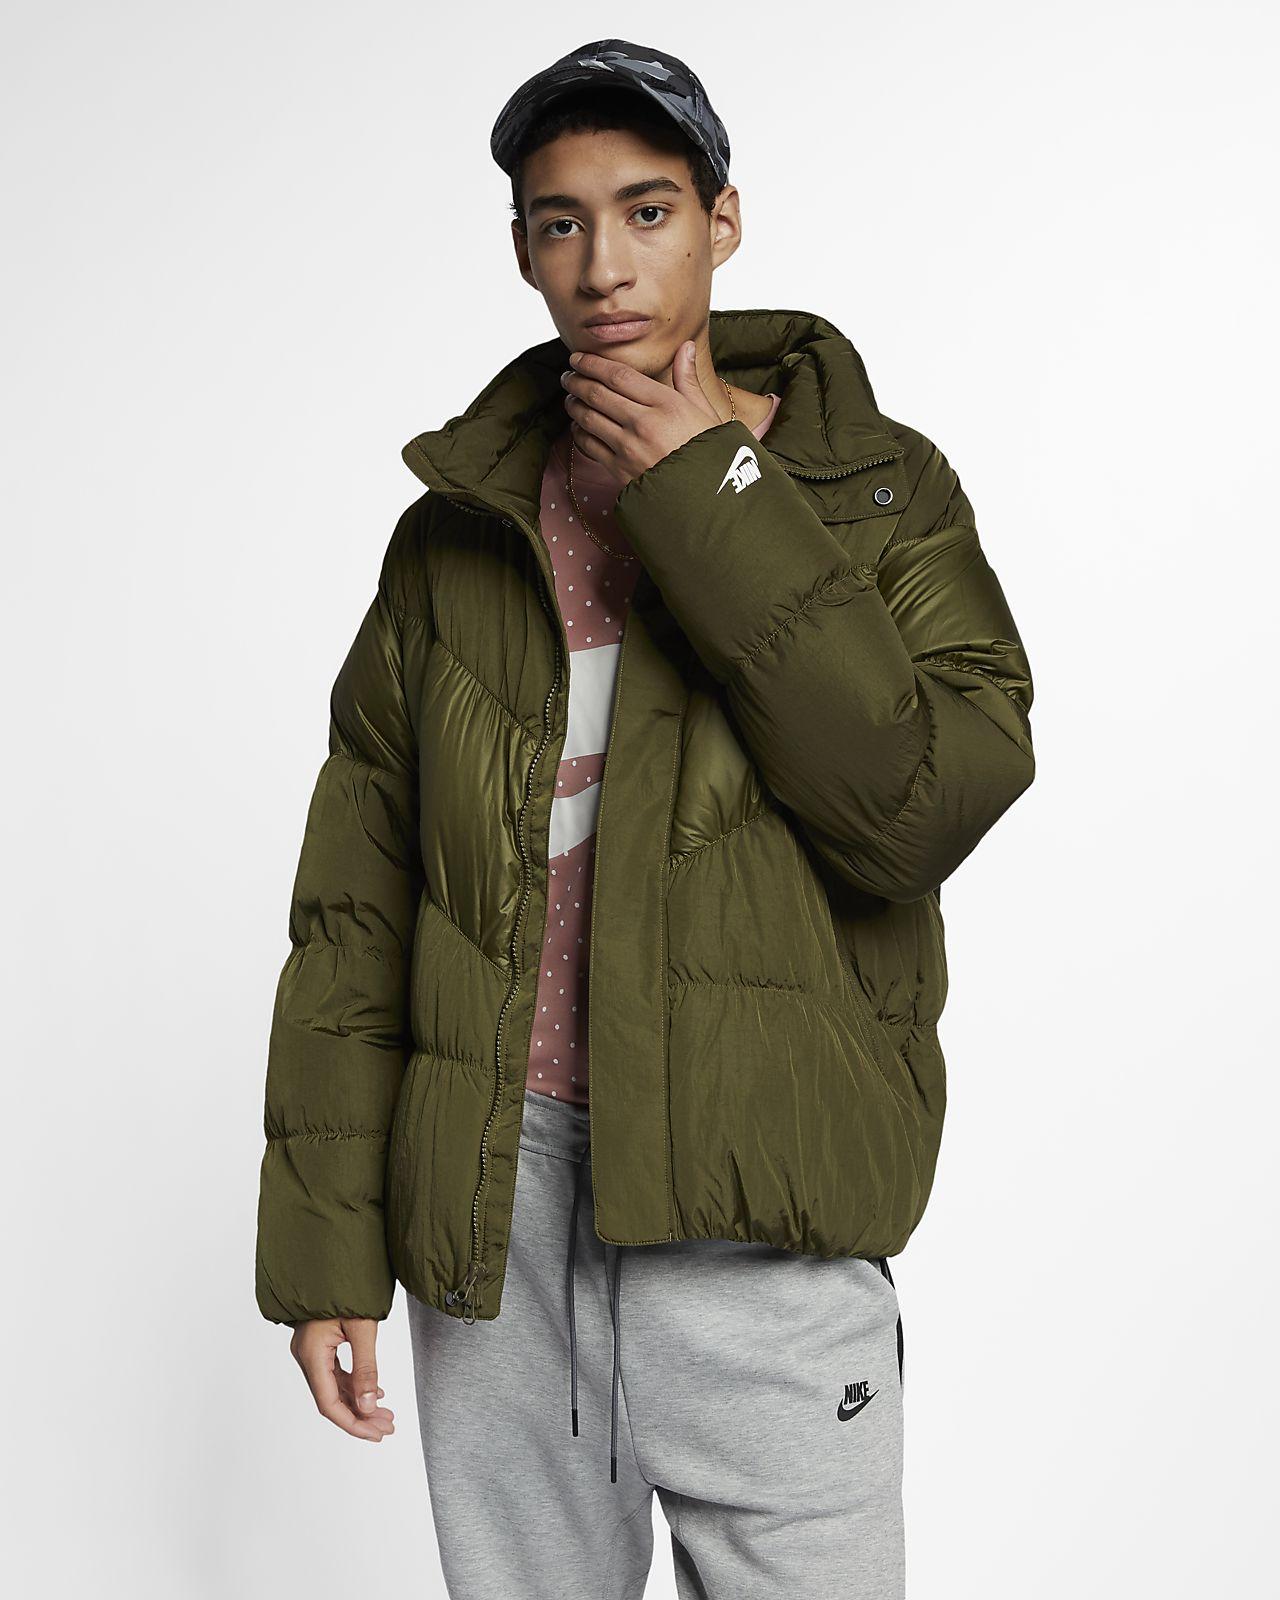 f964cdb6059 Nike Sportswear med dunfyld-jakke til mænd. Nike.com DK